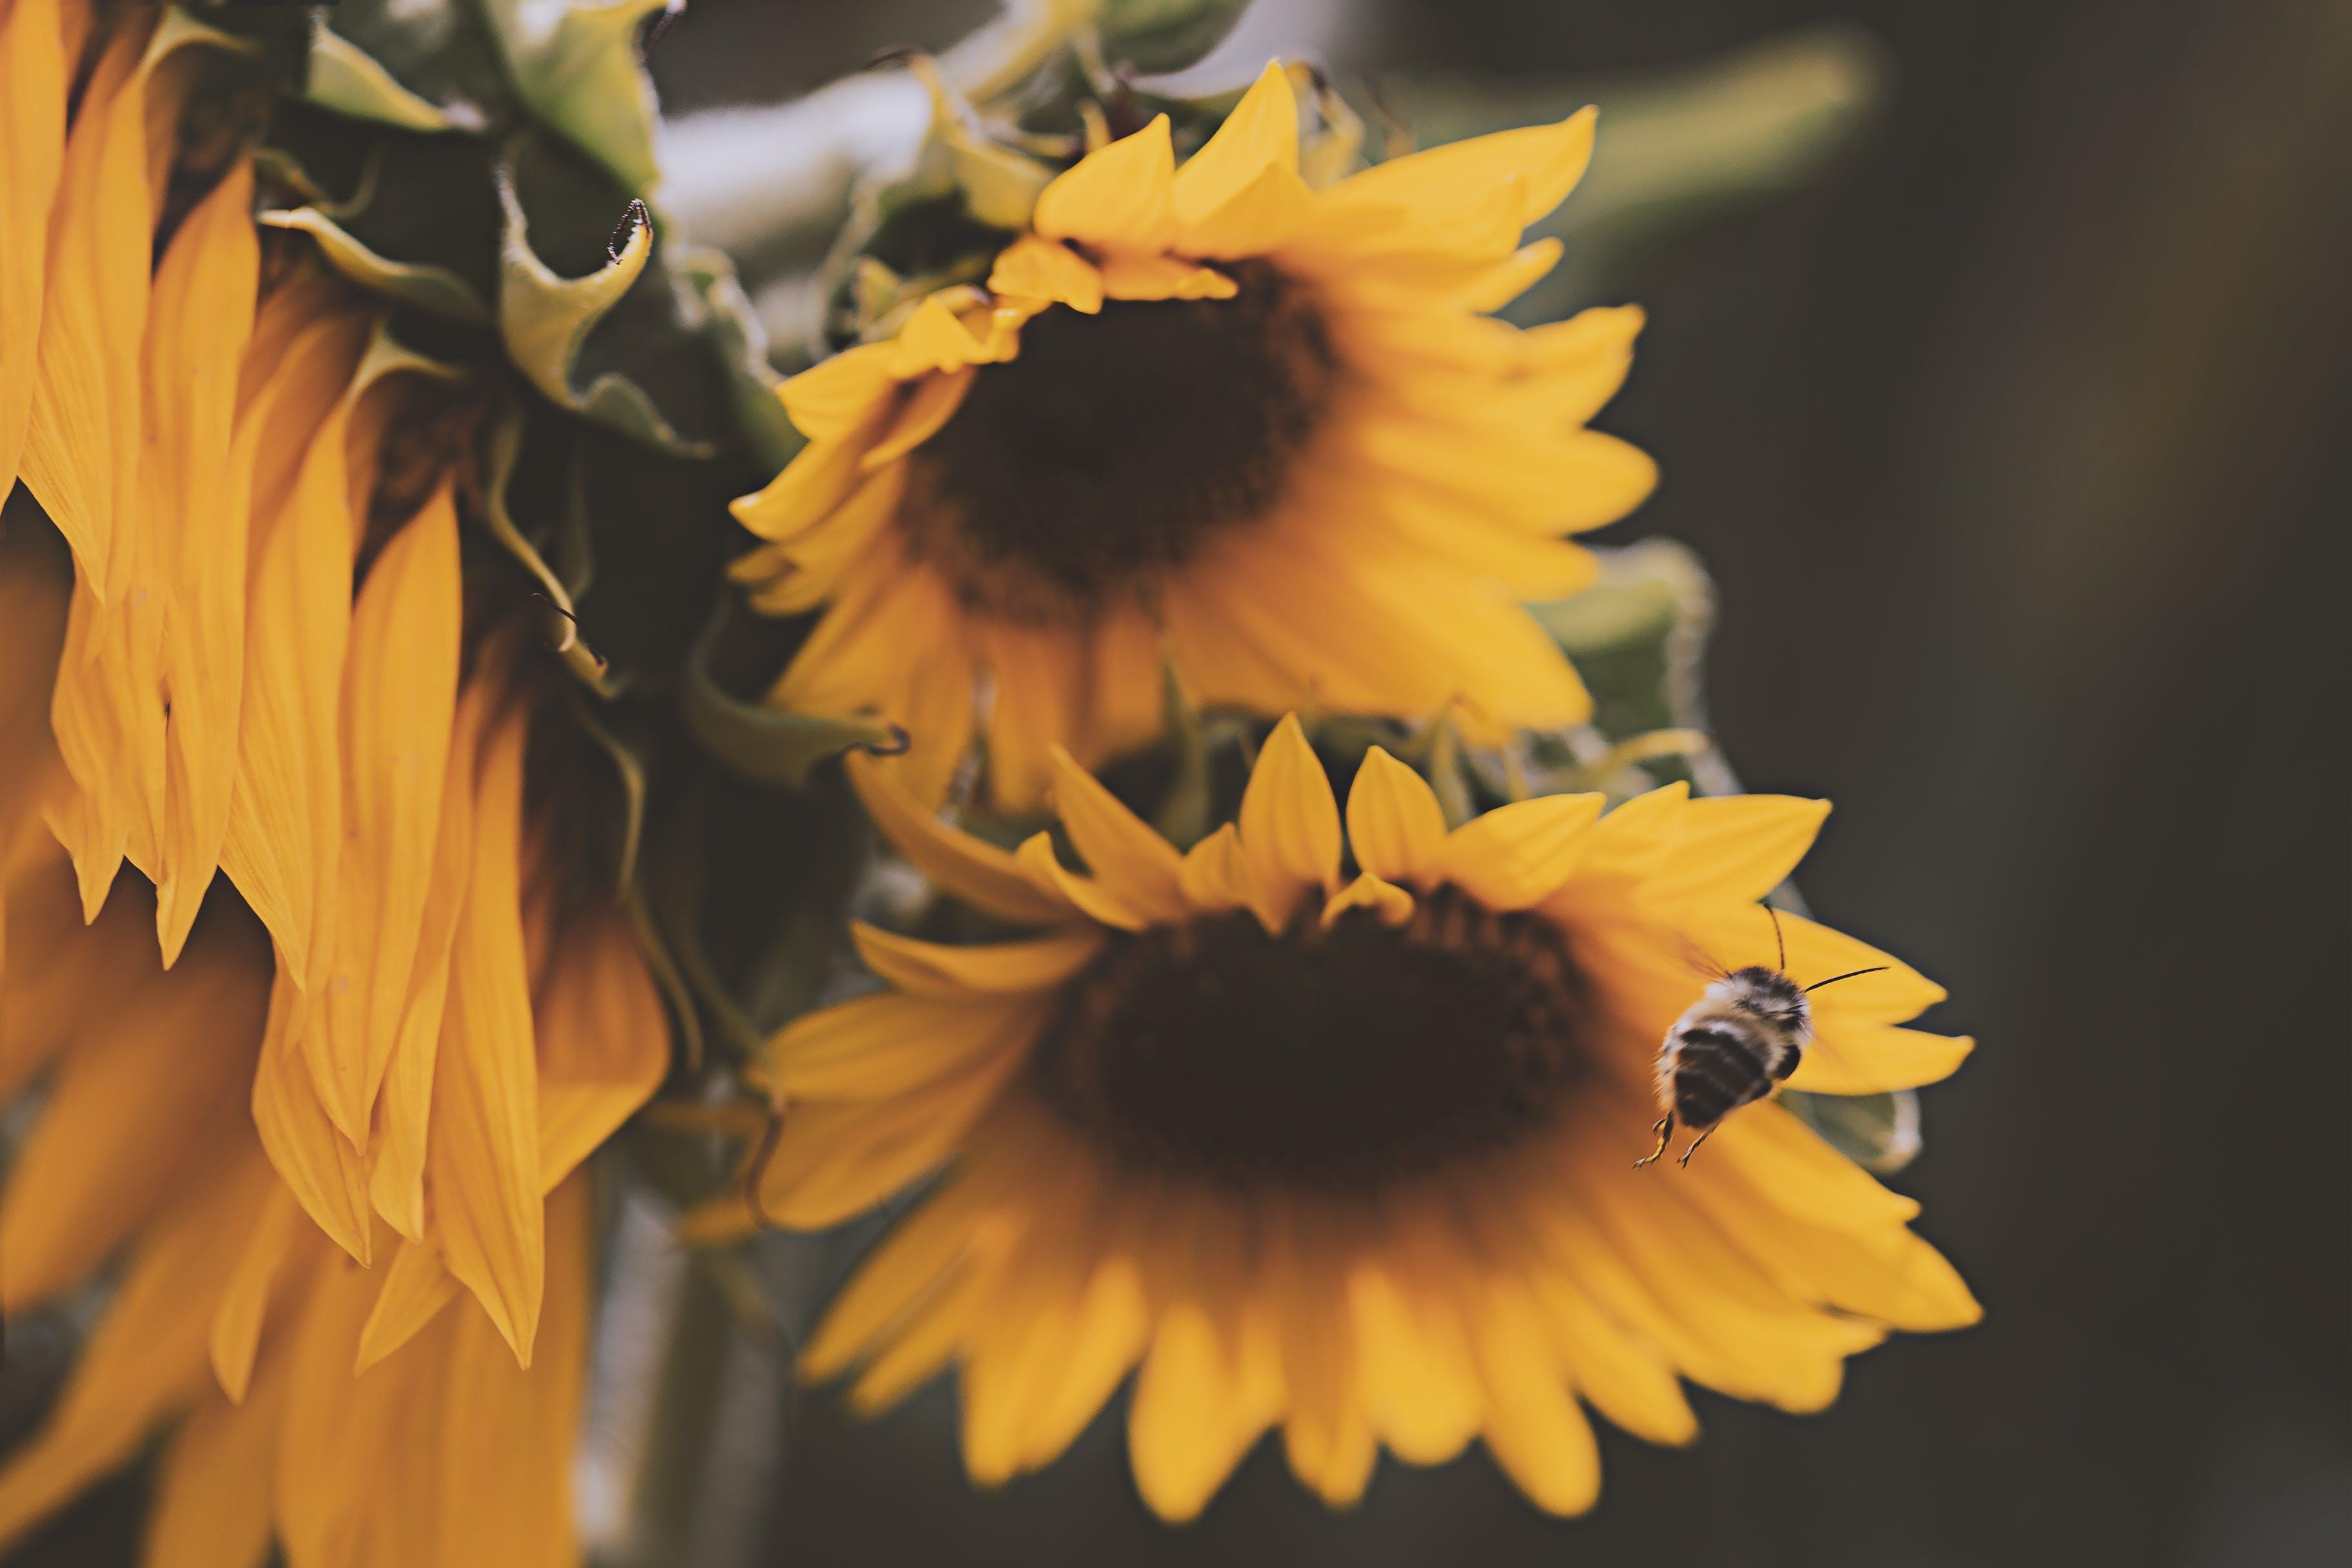 คลังภาพถ่ายฟรี ของ กลีบดอก, การเจริญเติบโต, กำลังบาน, ดอกทานตะวัน